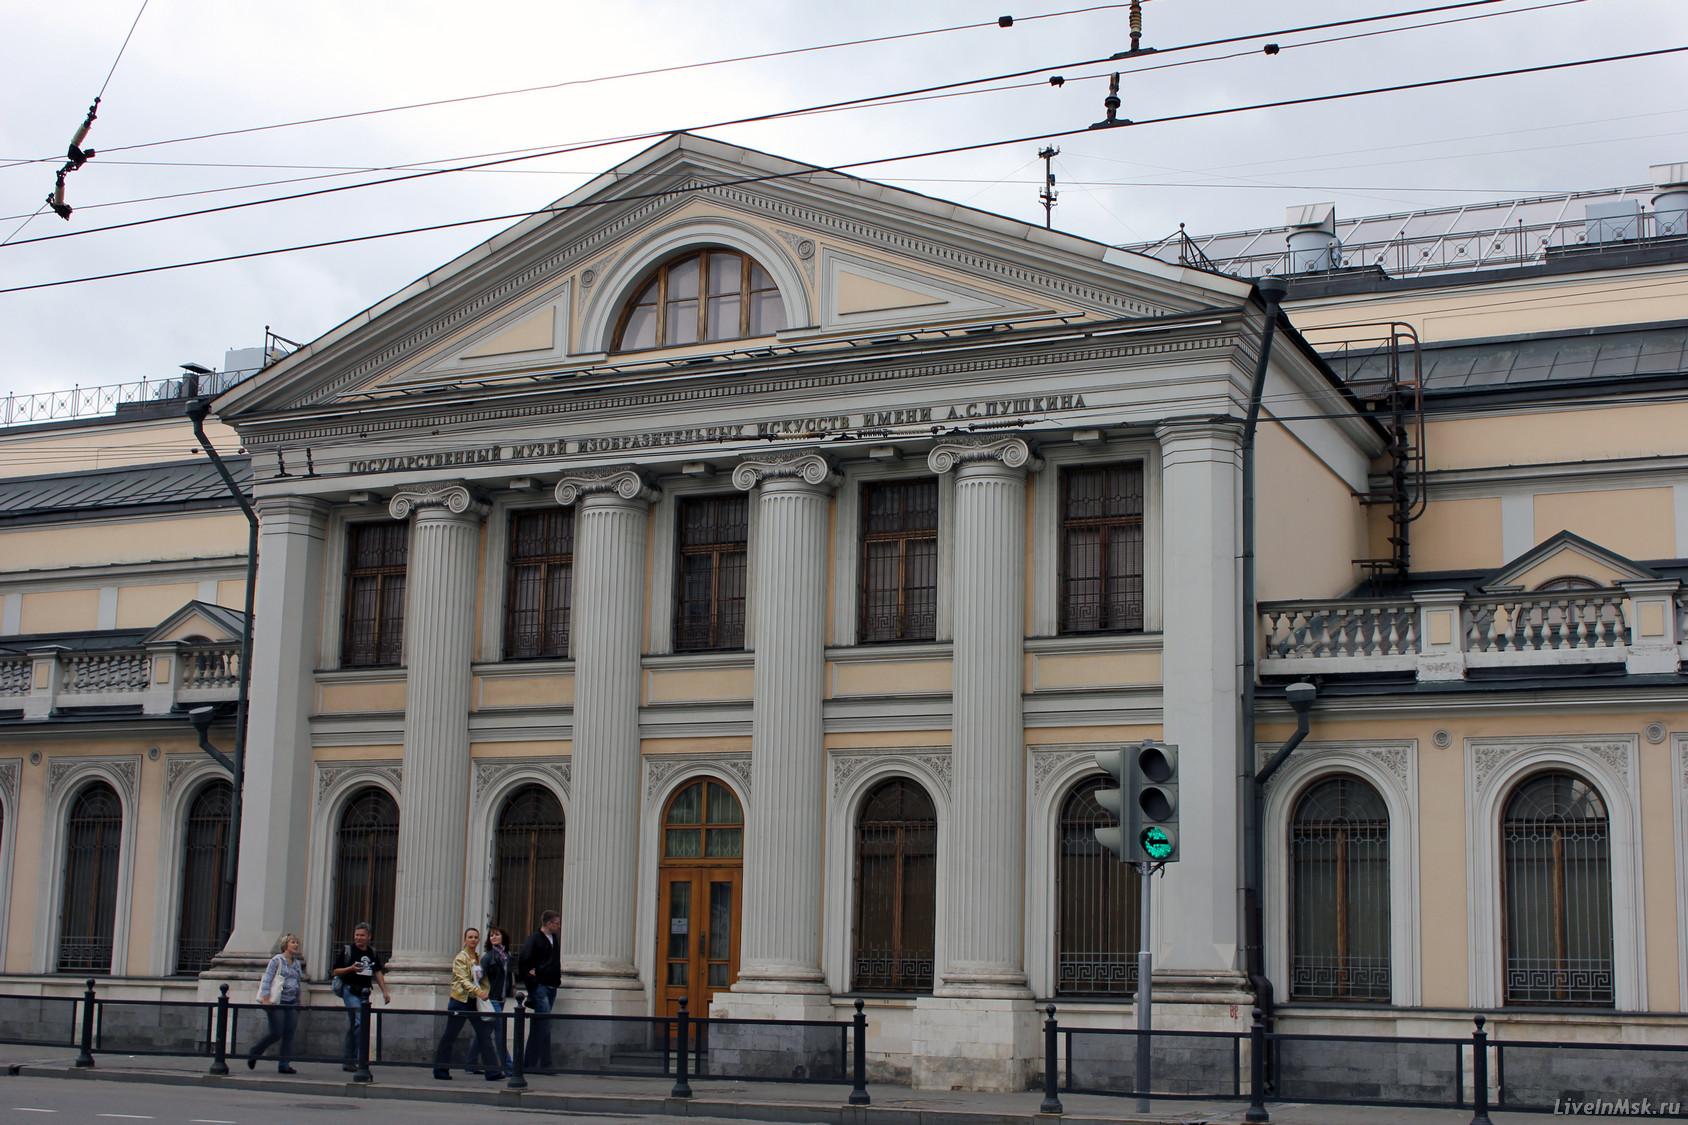 музей пушкина фото здания